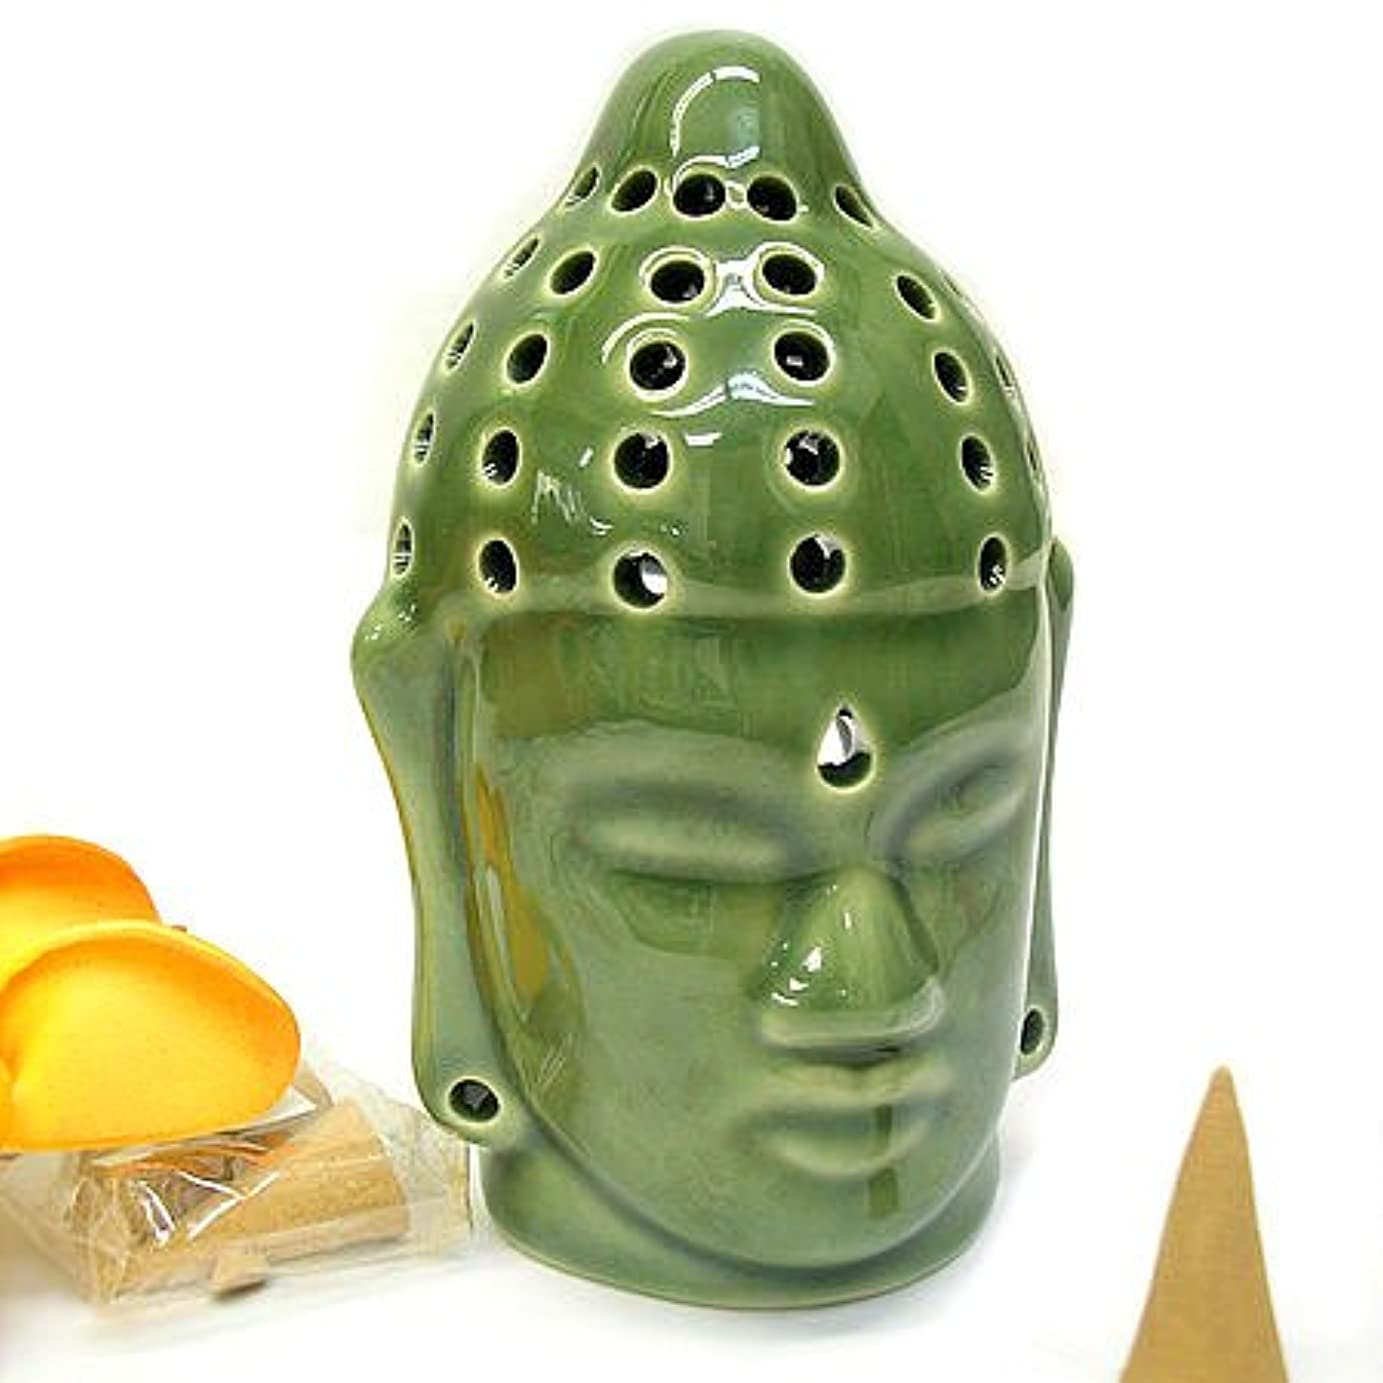 服を着るバスルーム反逆仏陀の お香たて 香炉 コーン用 緑 インセンスホルダー コーン用 お香立て お香たて アジアン雑貨 バリ雑貨